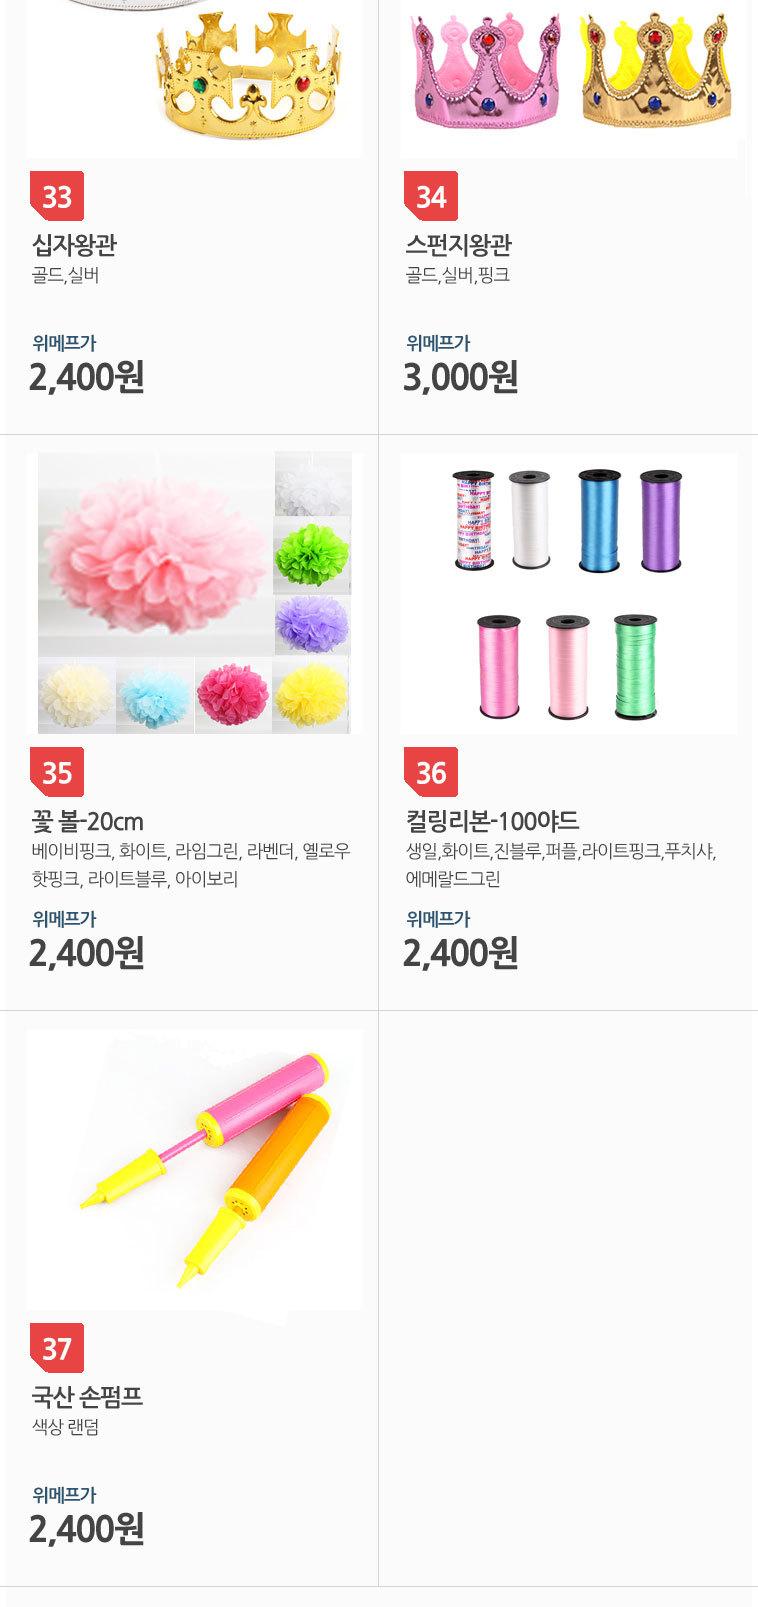 다양한 파티용품 & 장식소품 - 상세정보